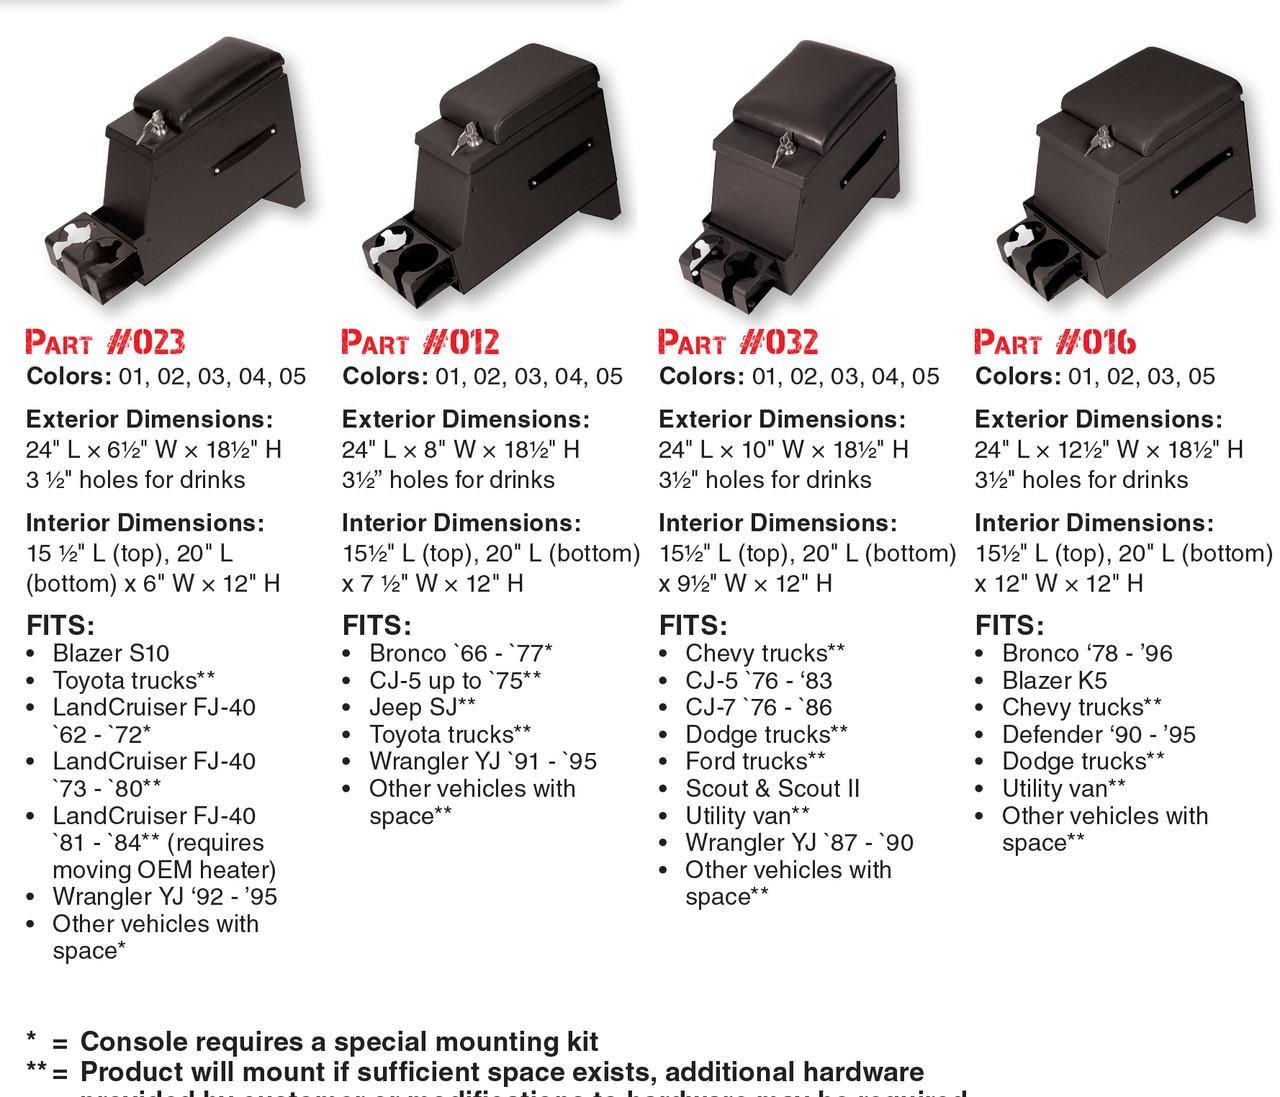 Compare Consoles